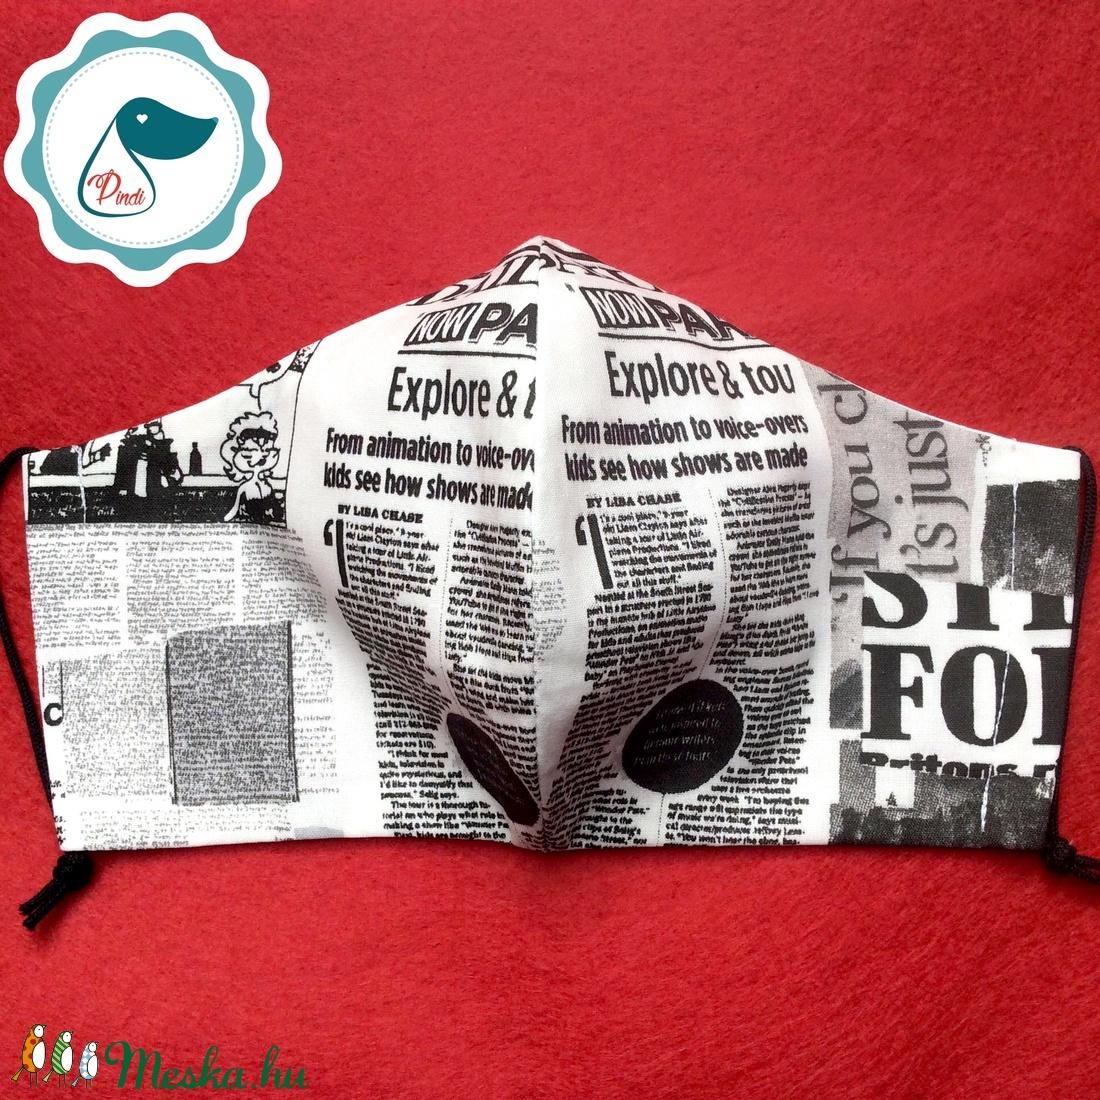 Maszk - egyedi újság mintás szájmaszk - férfi  szájmaszk - textil szájmaszk - egészségügyi szájmaszk - maszk, arcmaszk - férfi & uniszex - Meska.hu